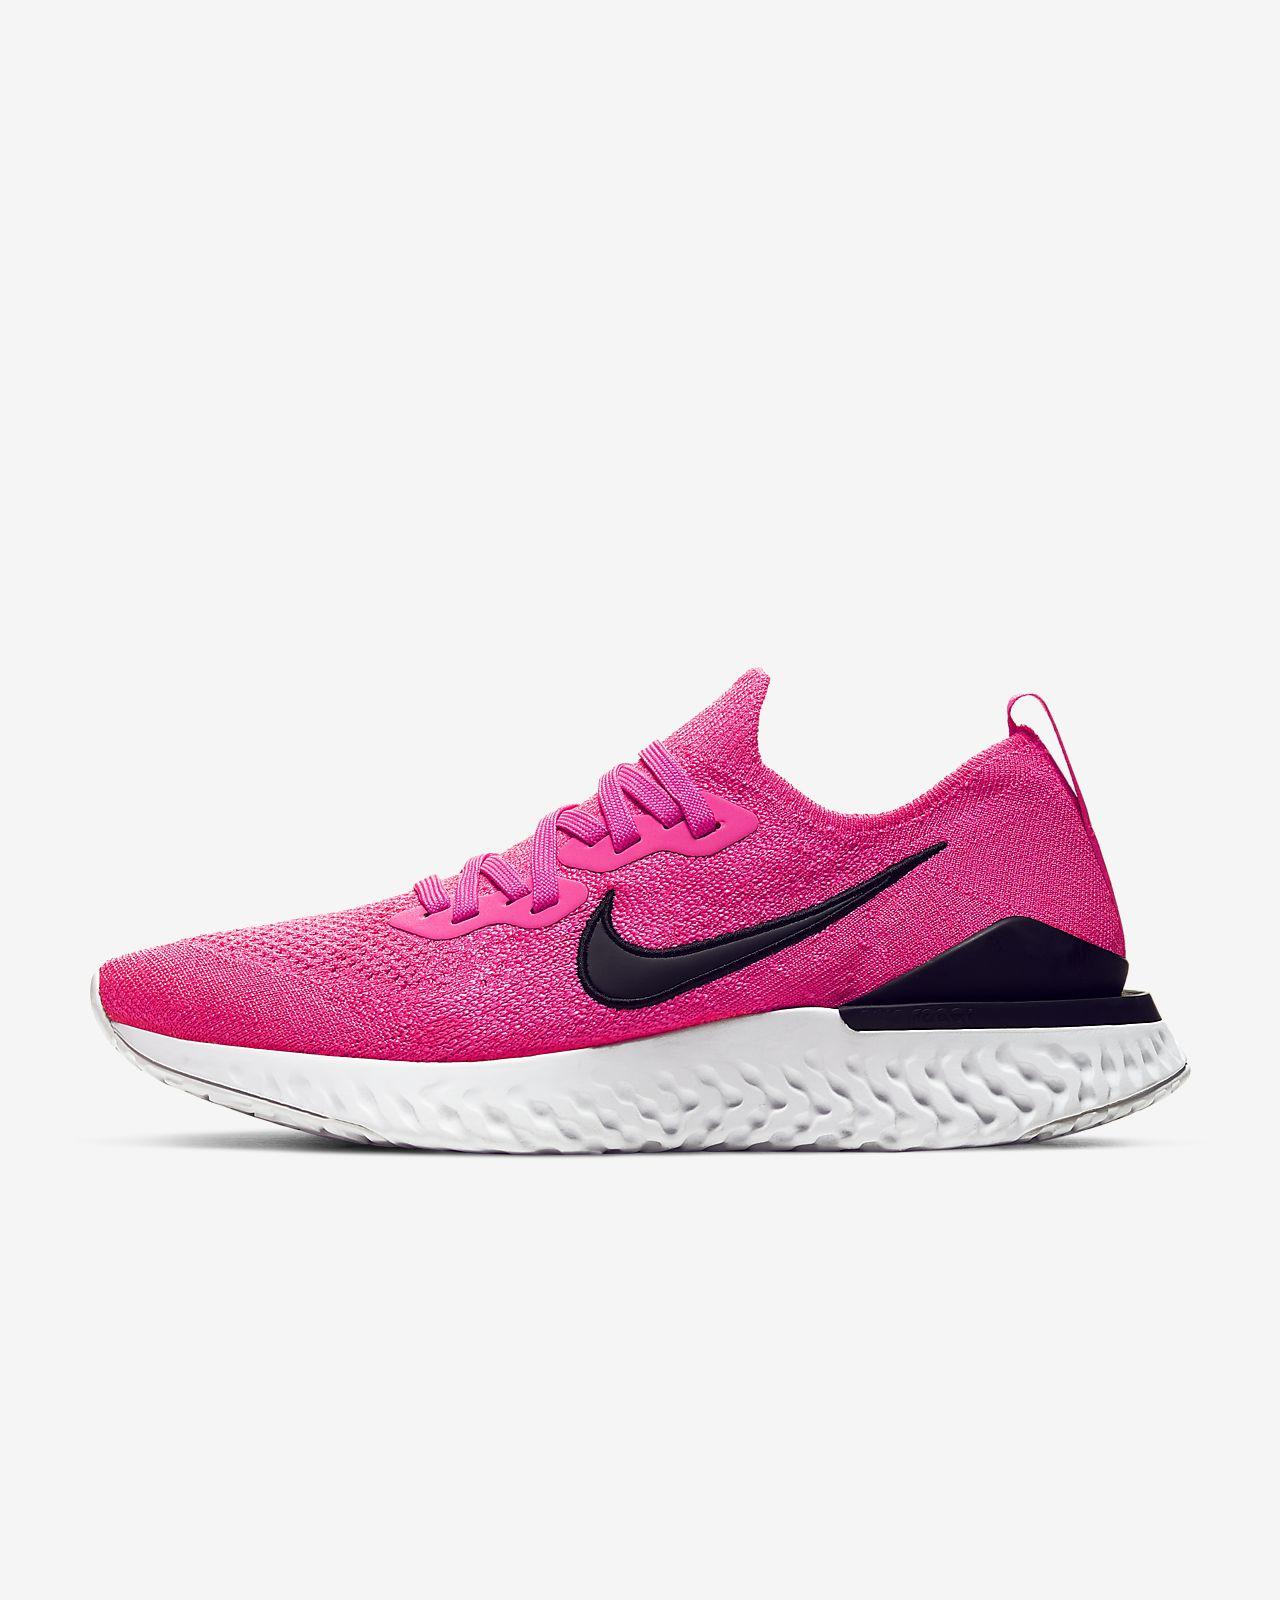 Nike Cortez Ultra Breathe Kaufen Damen Herren Sale Schweiz